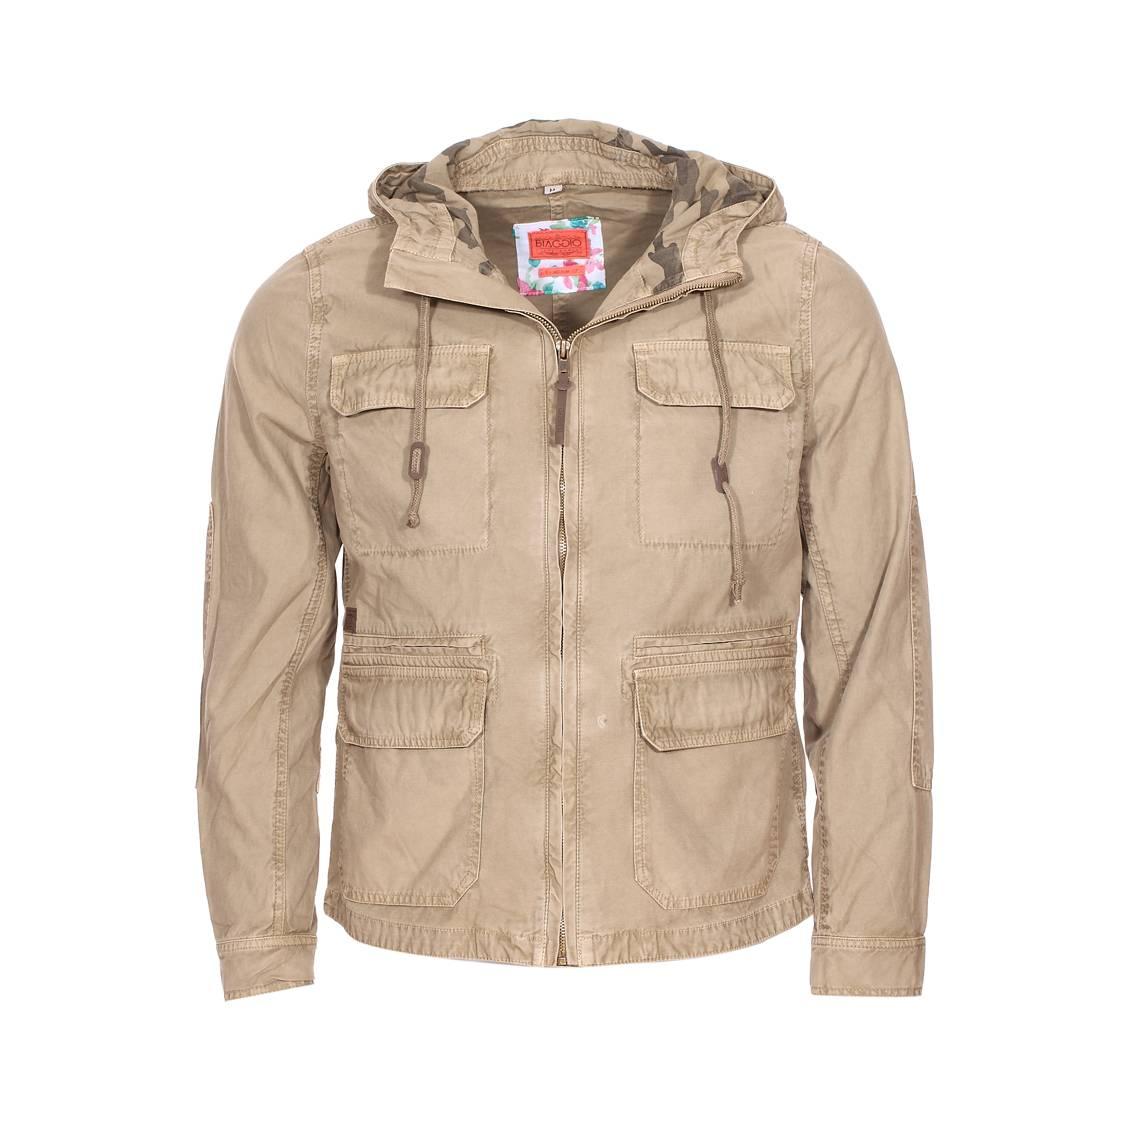 Veste saharienne zippée  en coton beige à capuche